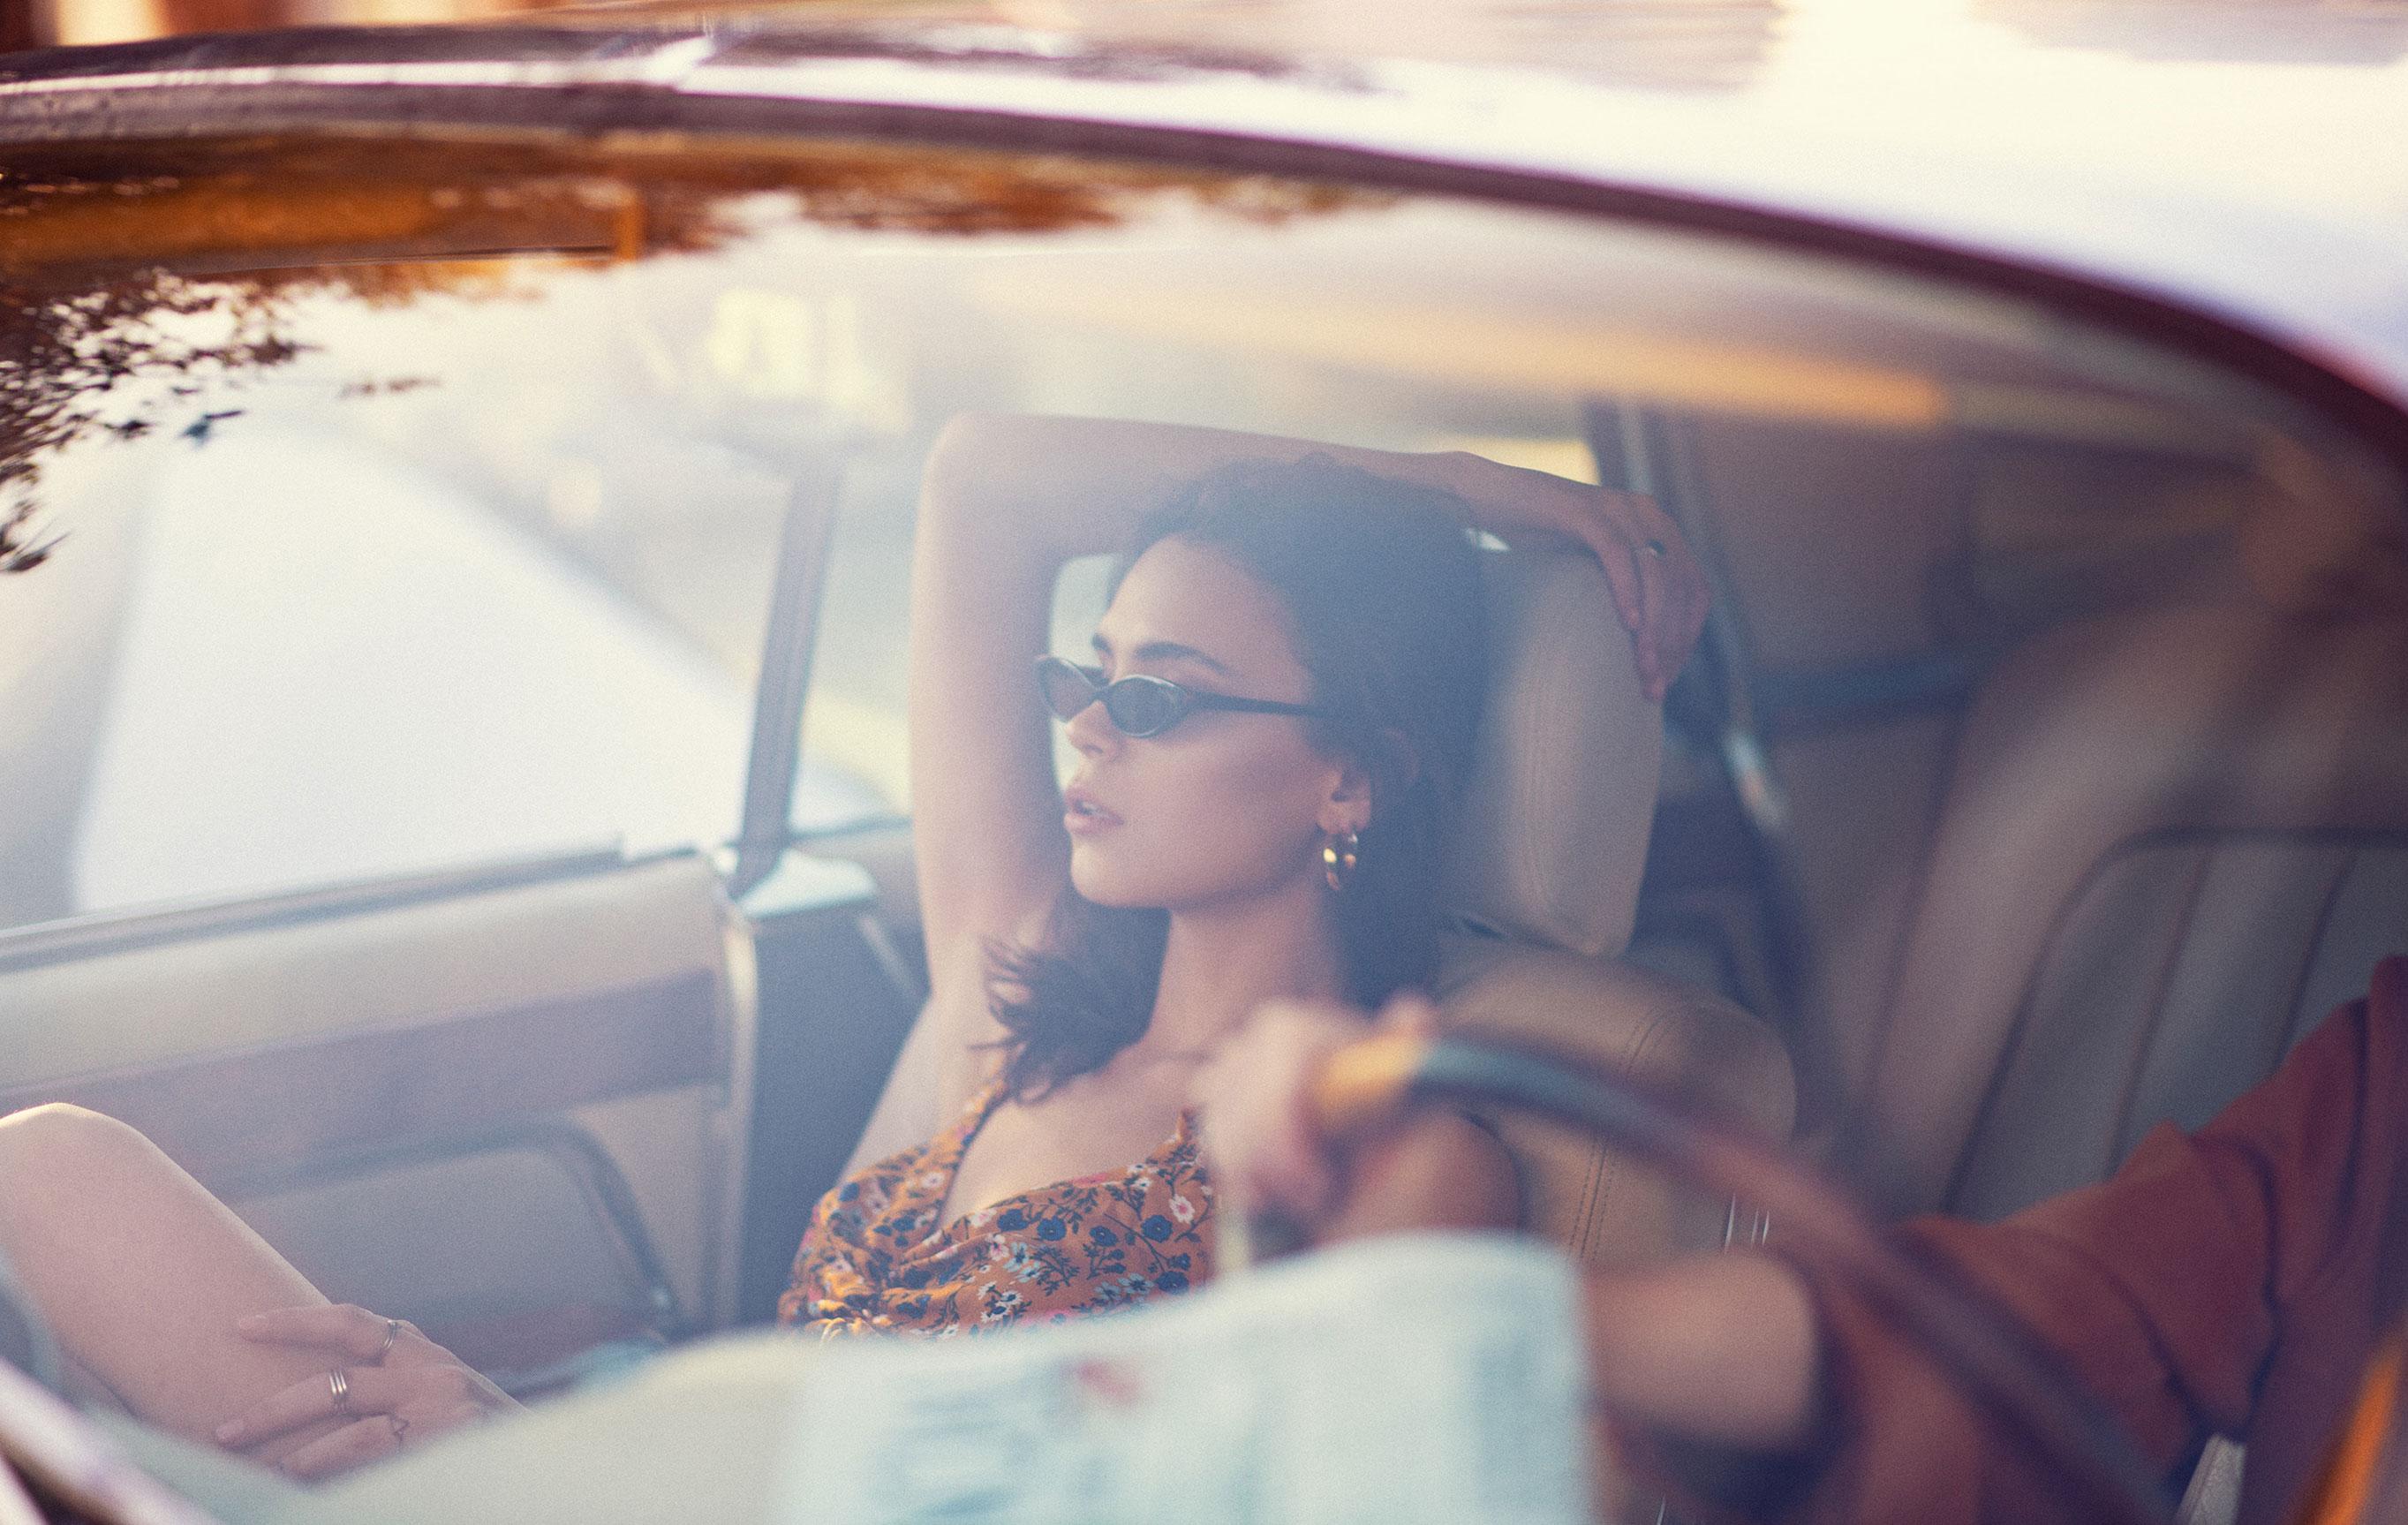 Диана Катова с подругой совершают автопробег по пустыне / фото 11